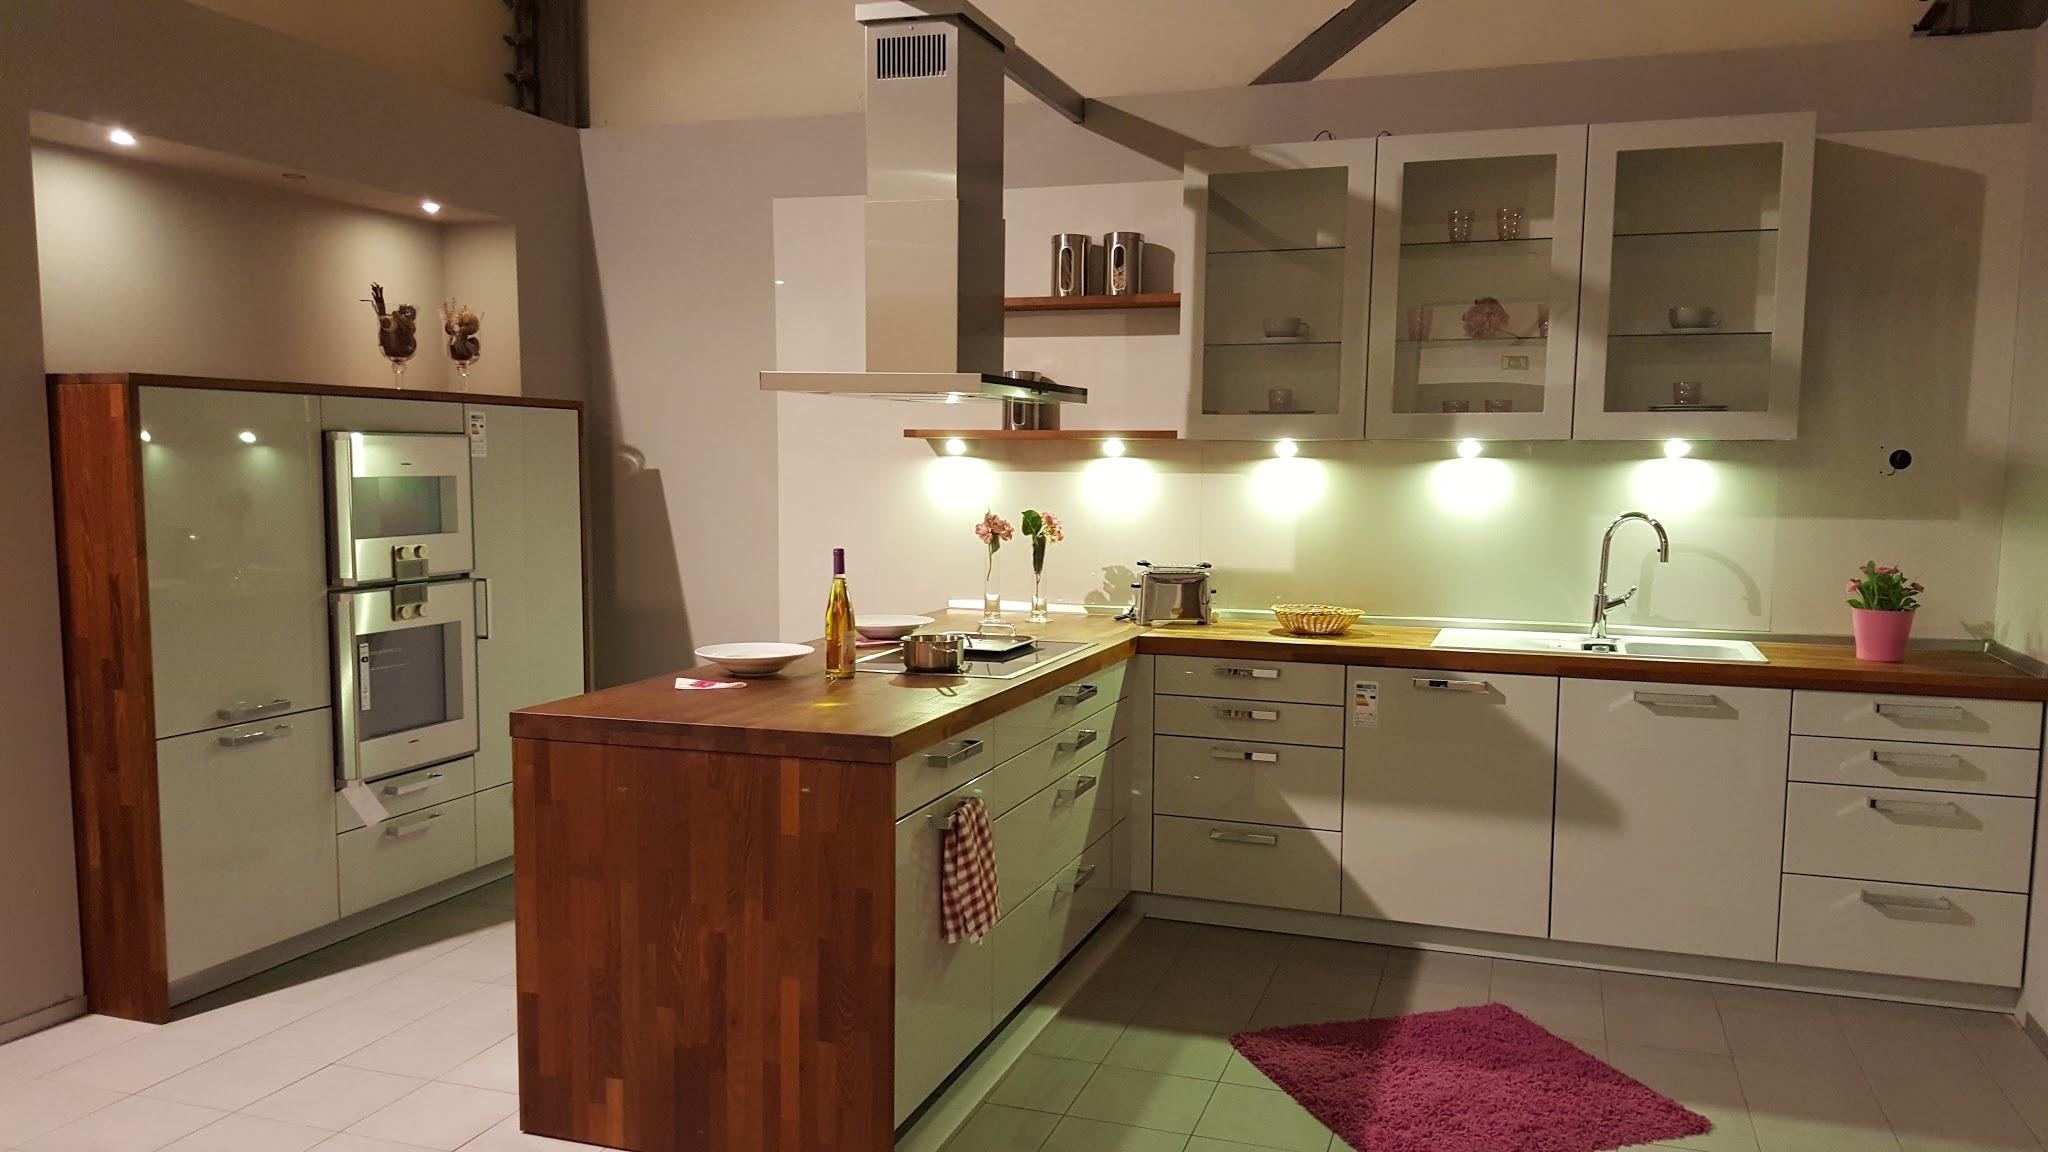 Vierländer Küchenwelt tolle vierländer küchenwelt bilder die designideen für badezimmer